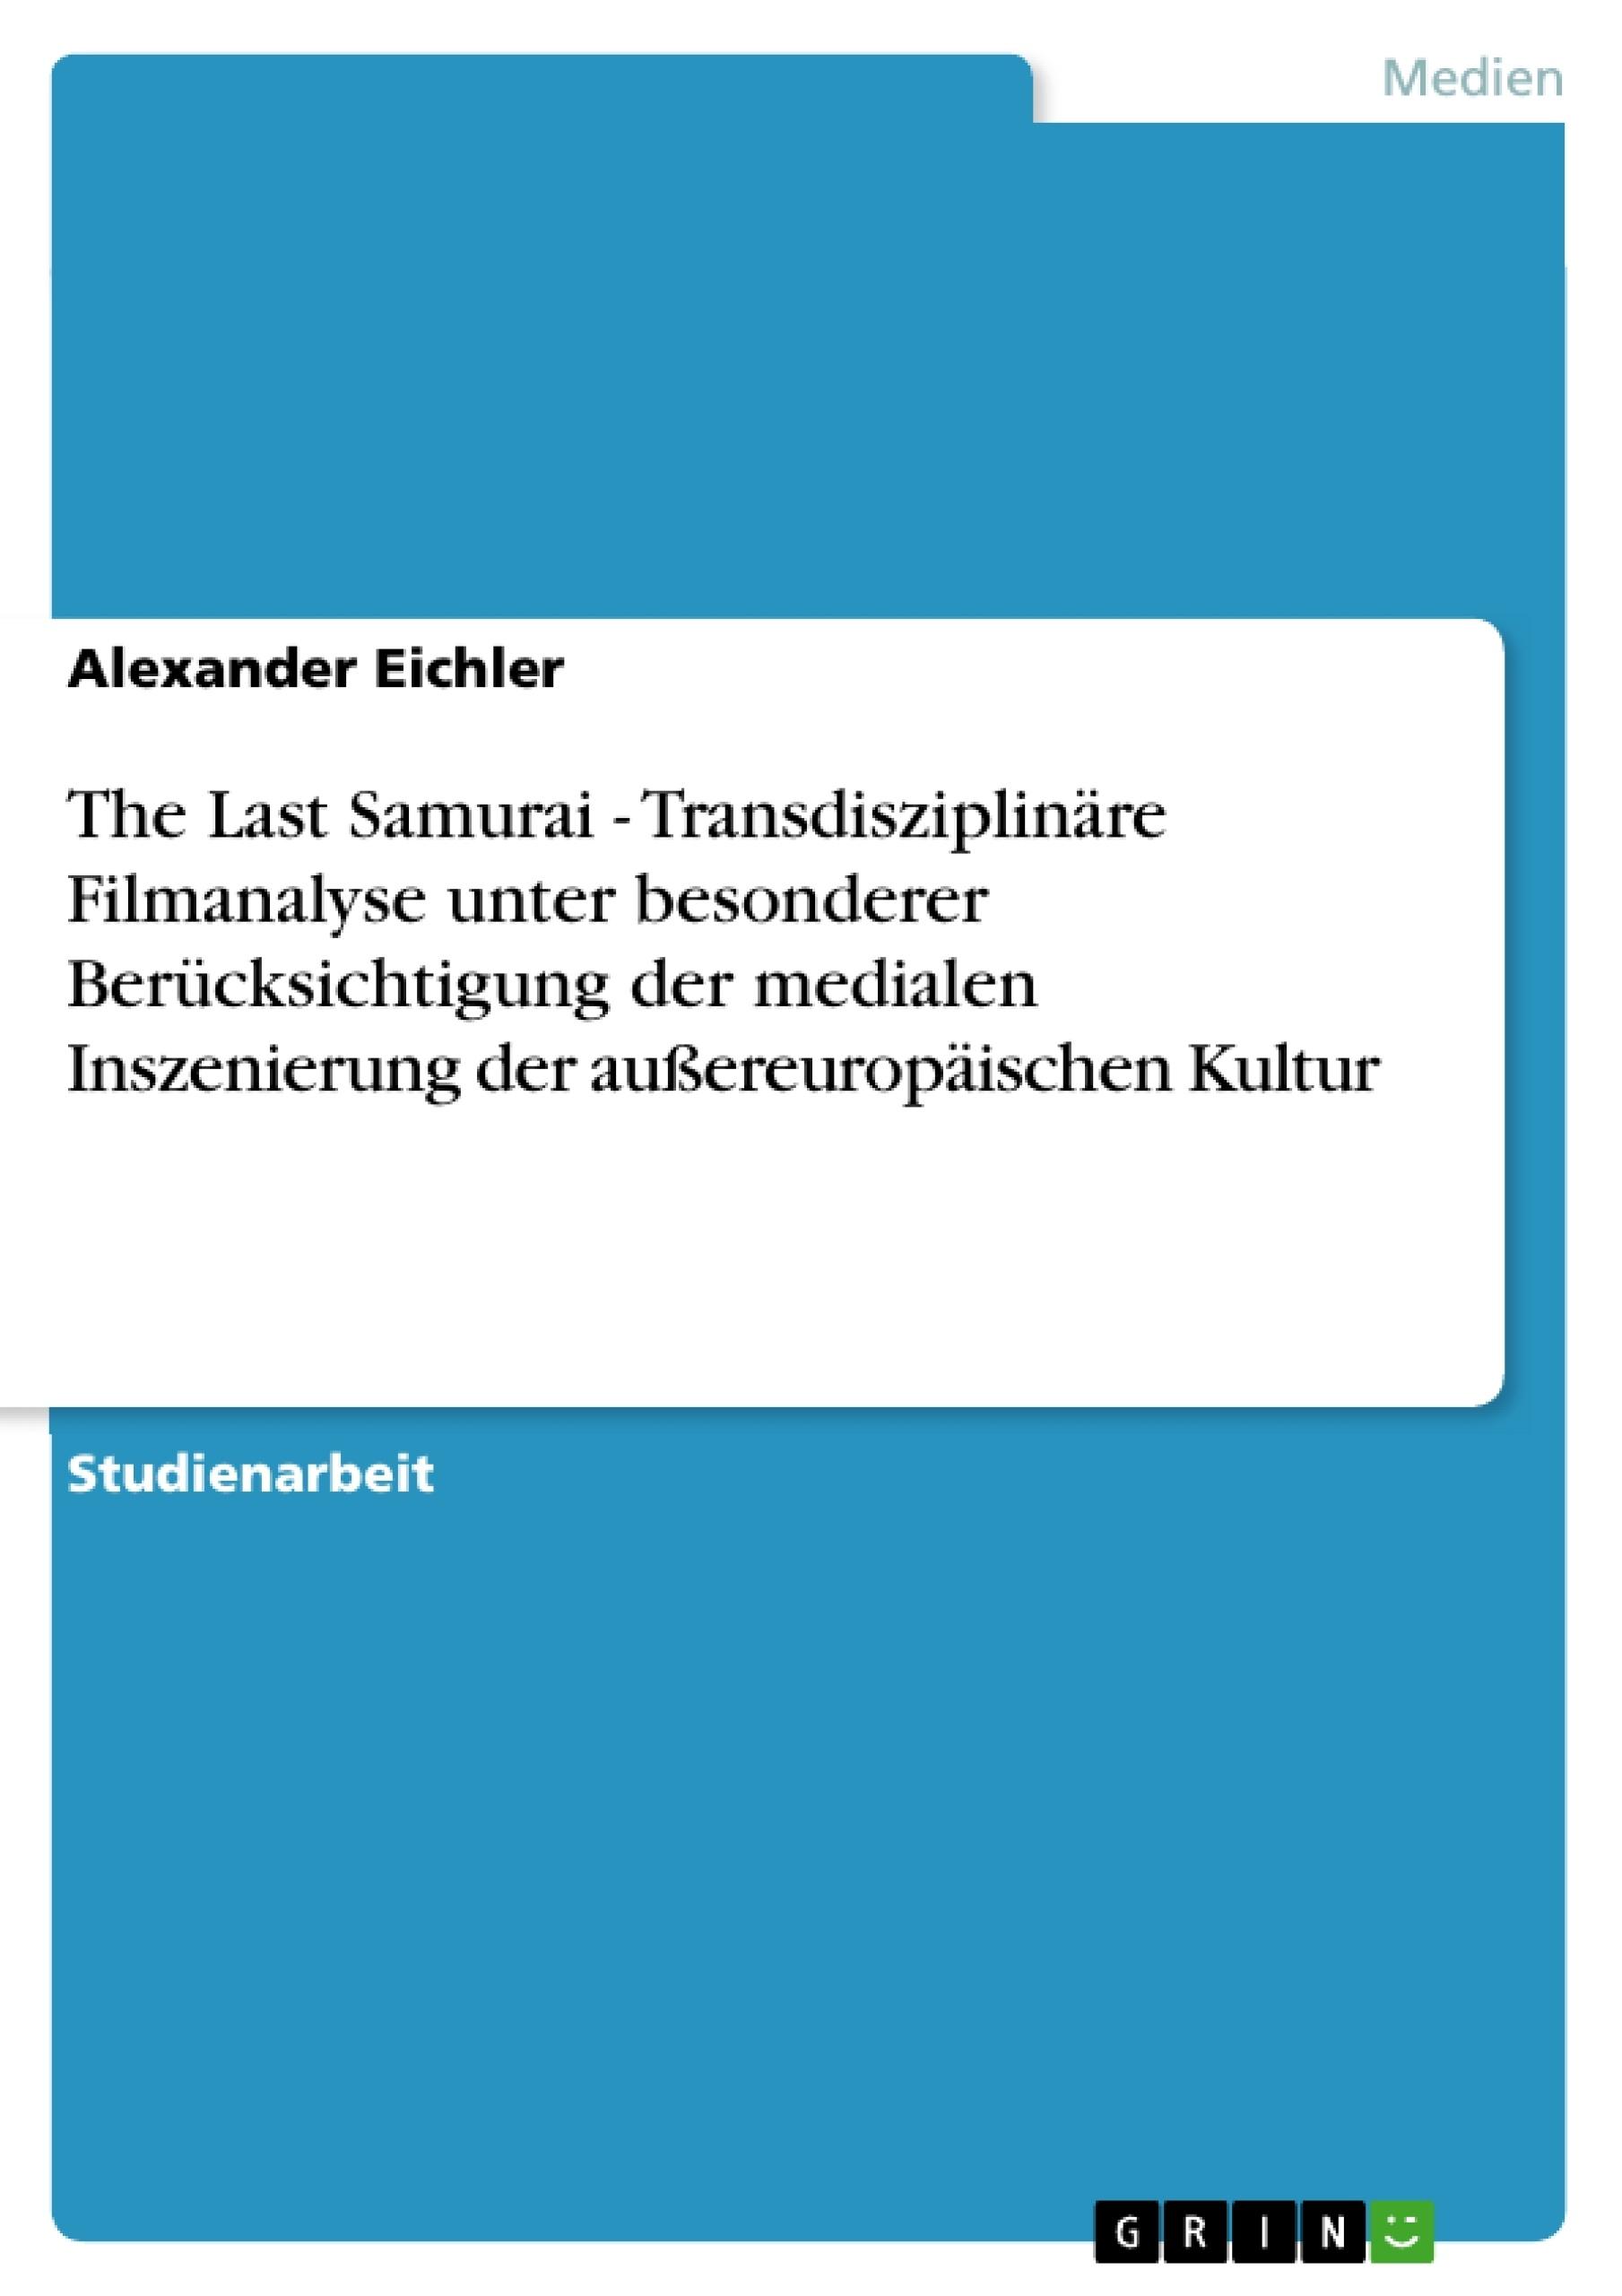 Titel: The Last Samurai - Transdisziplinäre Filmanalyse  unter besonderer Berücksichtigung der medialen Inszenierung der außereuropäischen Kultur